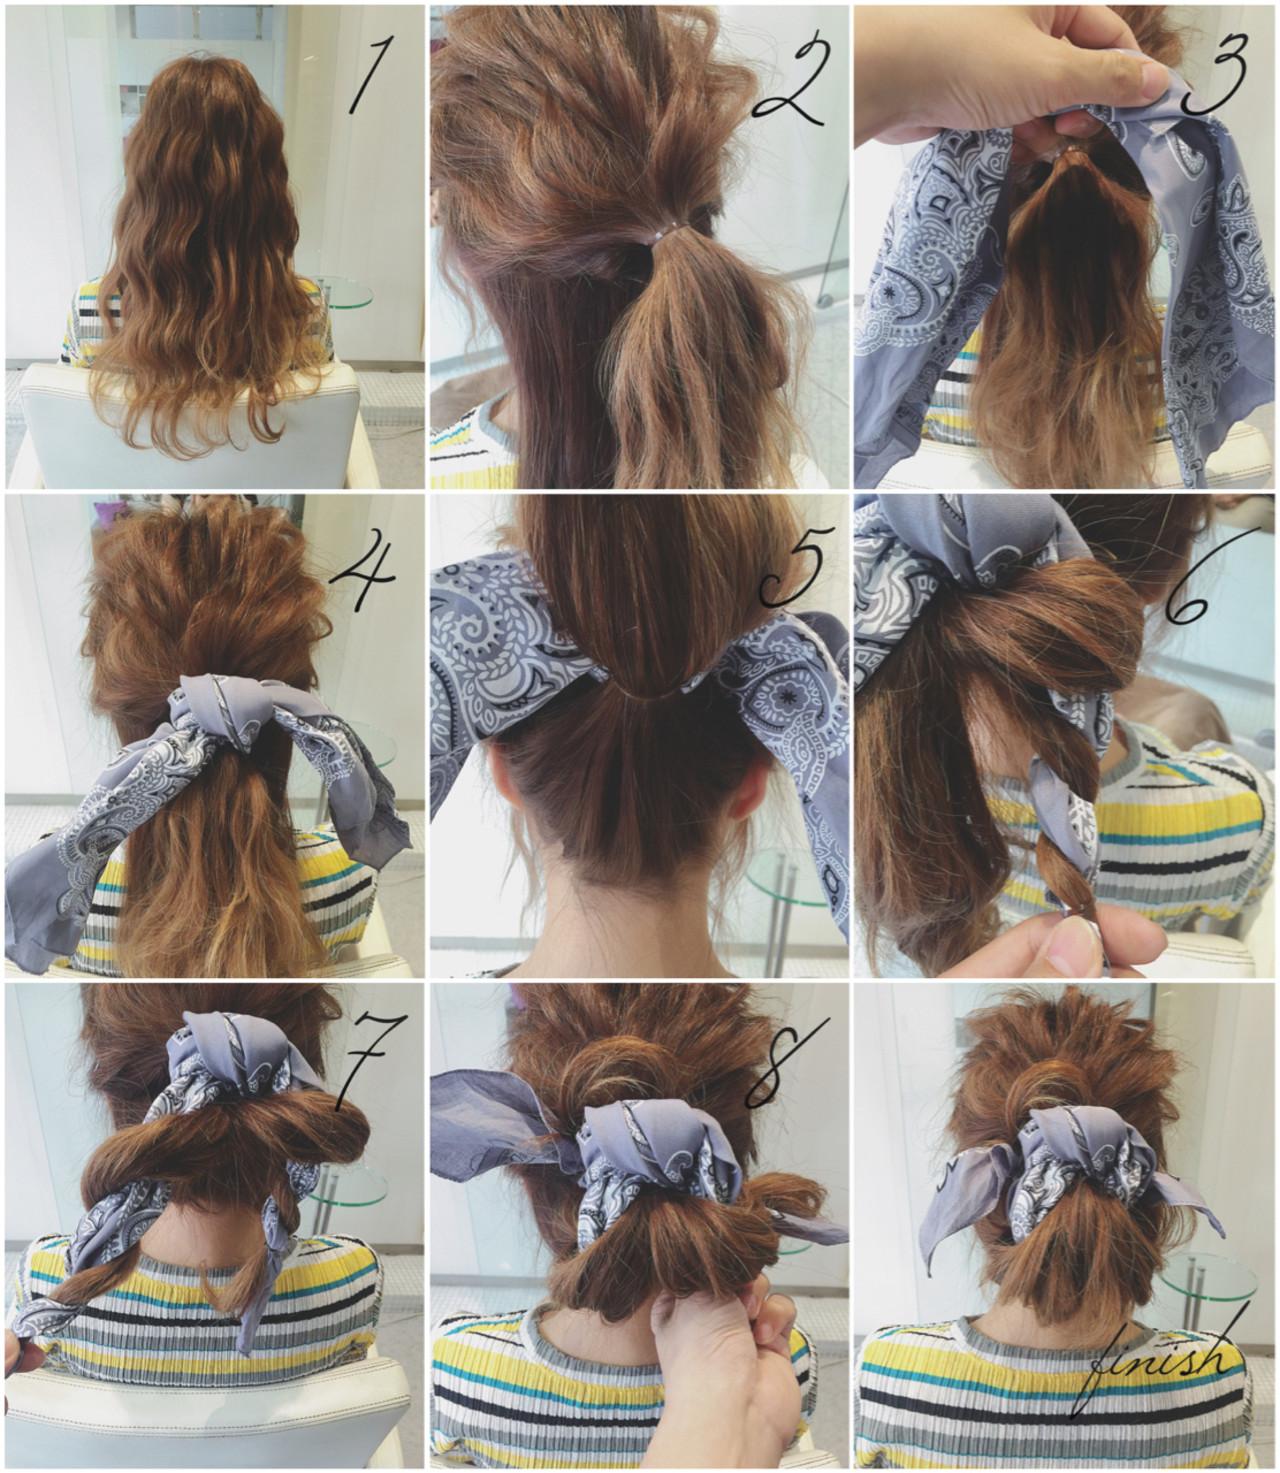 1.2.全体に巻いたら、顔周りの髪の毛をヘアゴムで束ねる。 3.バンダナを用意します。グレイのバンダナ可愛い。 4.バンダナをヘアゴムのところに結ぶ。 5.襟足の髪の毛をヘアゴムで束ねる。 6.7.髪の毛とバンダナをツイスト。2つの束をつくる。 8.出来たツイストを根元に絡めてピンで固定。 finish.バランスよくバンダナの先を整えたら完成。